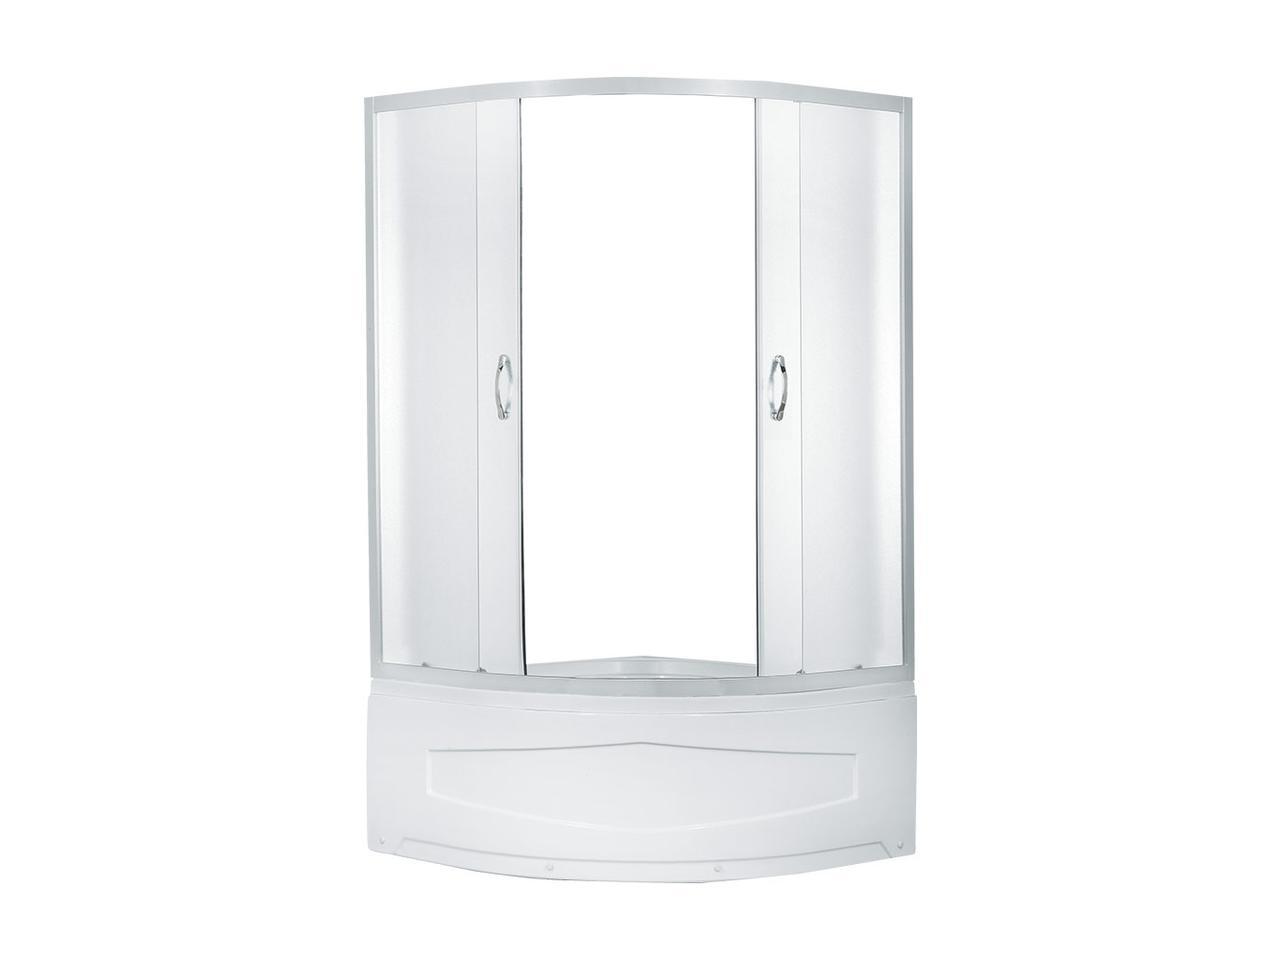 Душевой уголок Erlit ER0509T-C3, 90х90 см., с высоким поддоном, матовое стекло